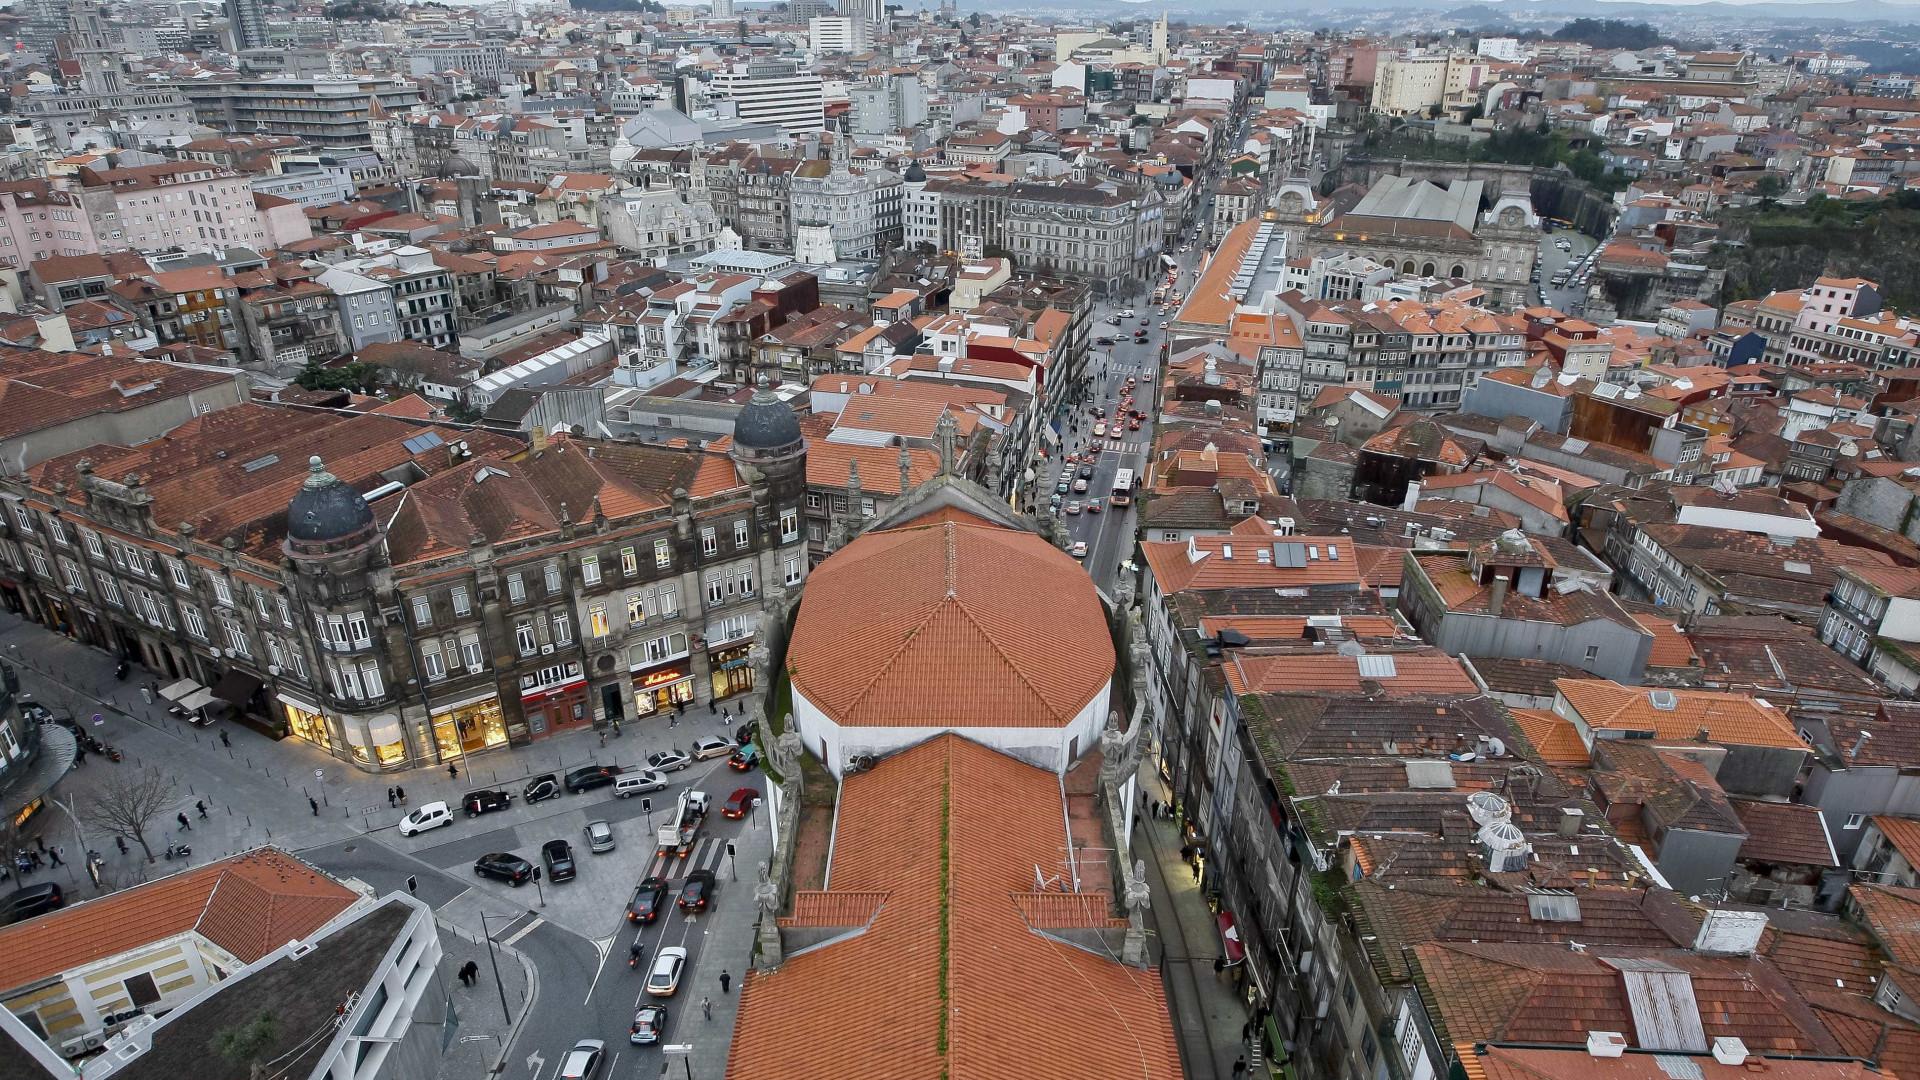 Stay in Porto, um site para ajudar alunos de Erasmus